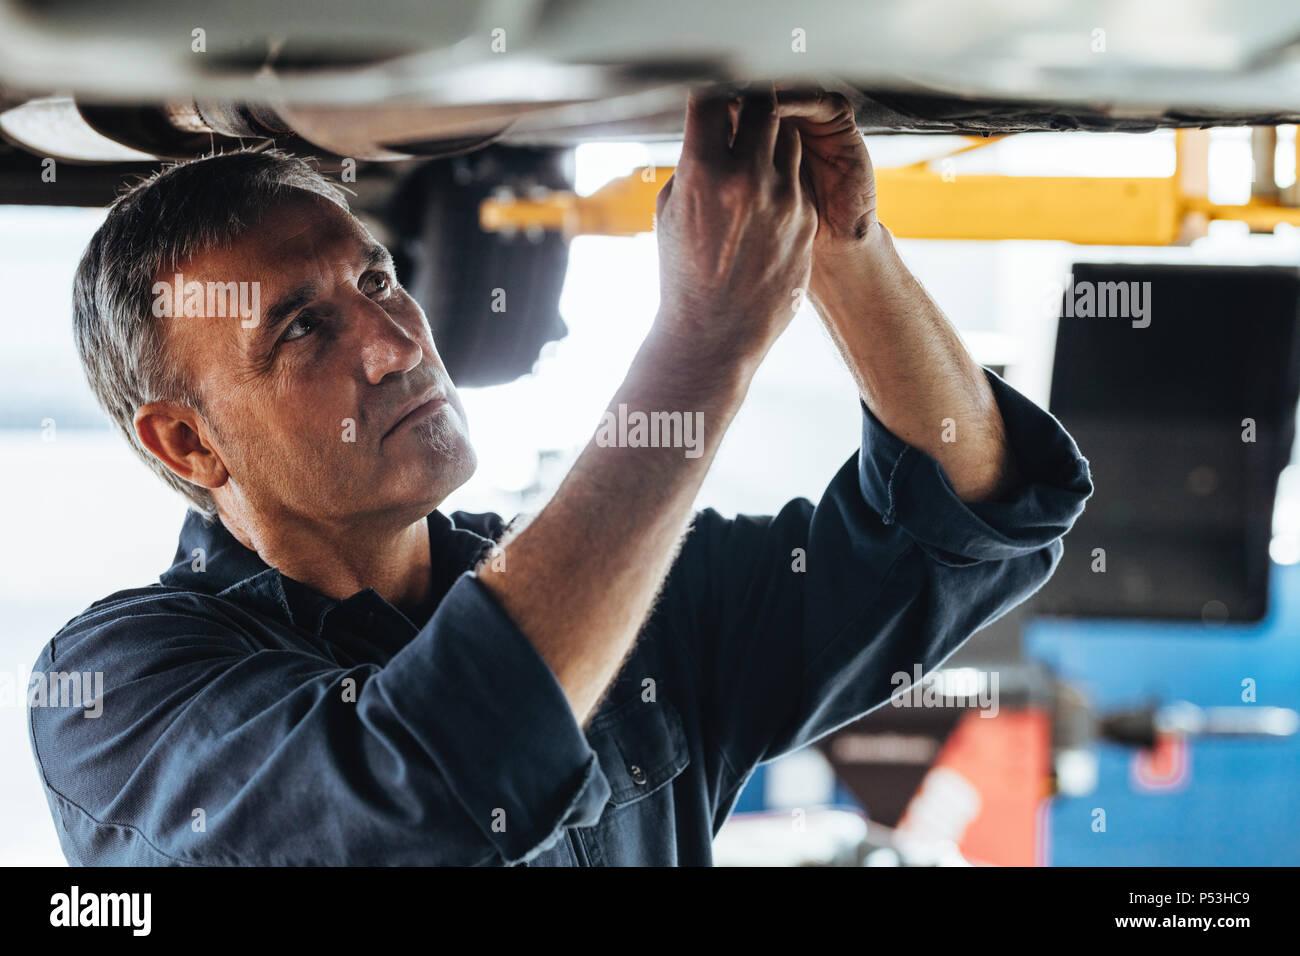 Automechaniker Instandsetzung einer angehobenen Auto in der Garage. Auto Reparatur Männer zur Festsetzung ein Auto in Service Station. Stockbild